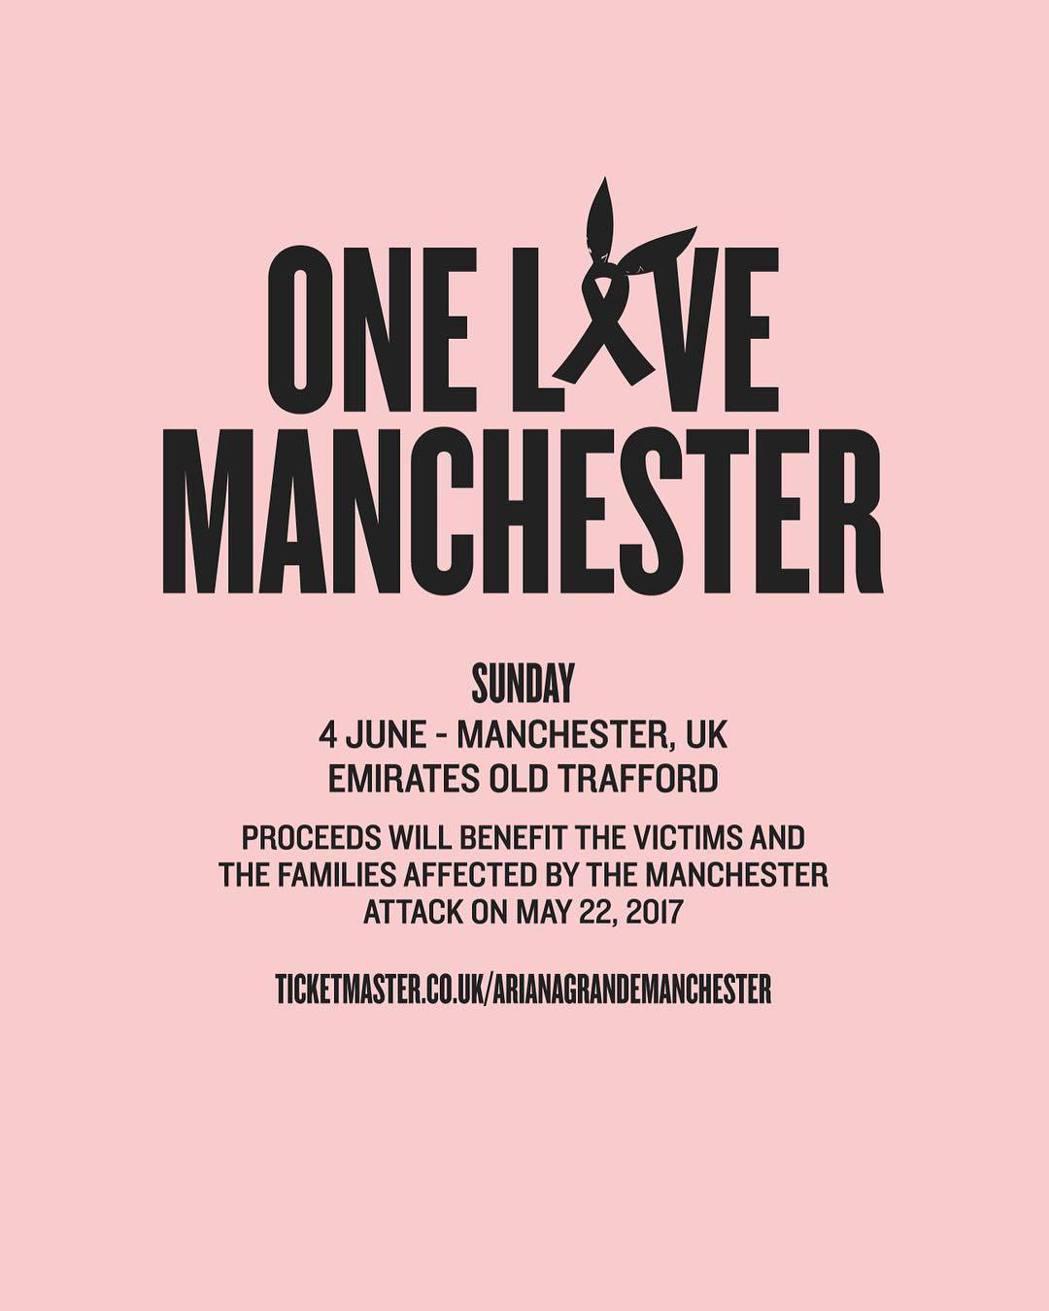 亞莉安娜將於6月4日重返英國曼徹斯特,舉辦眾星雲集的大規模演唱會。 圖/擷自亞莉...